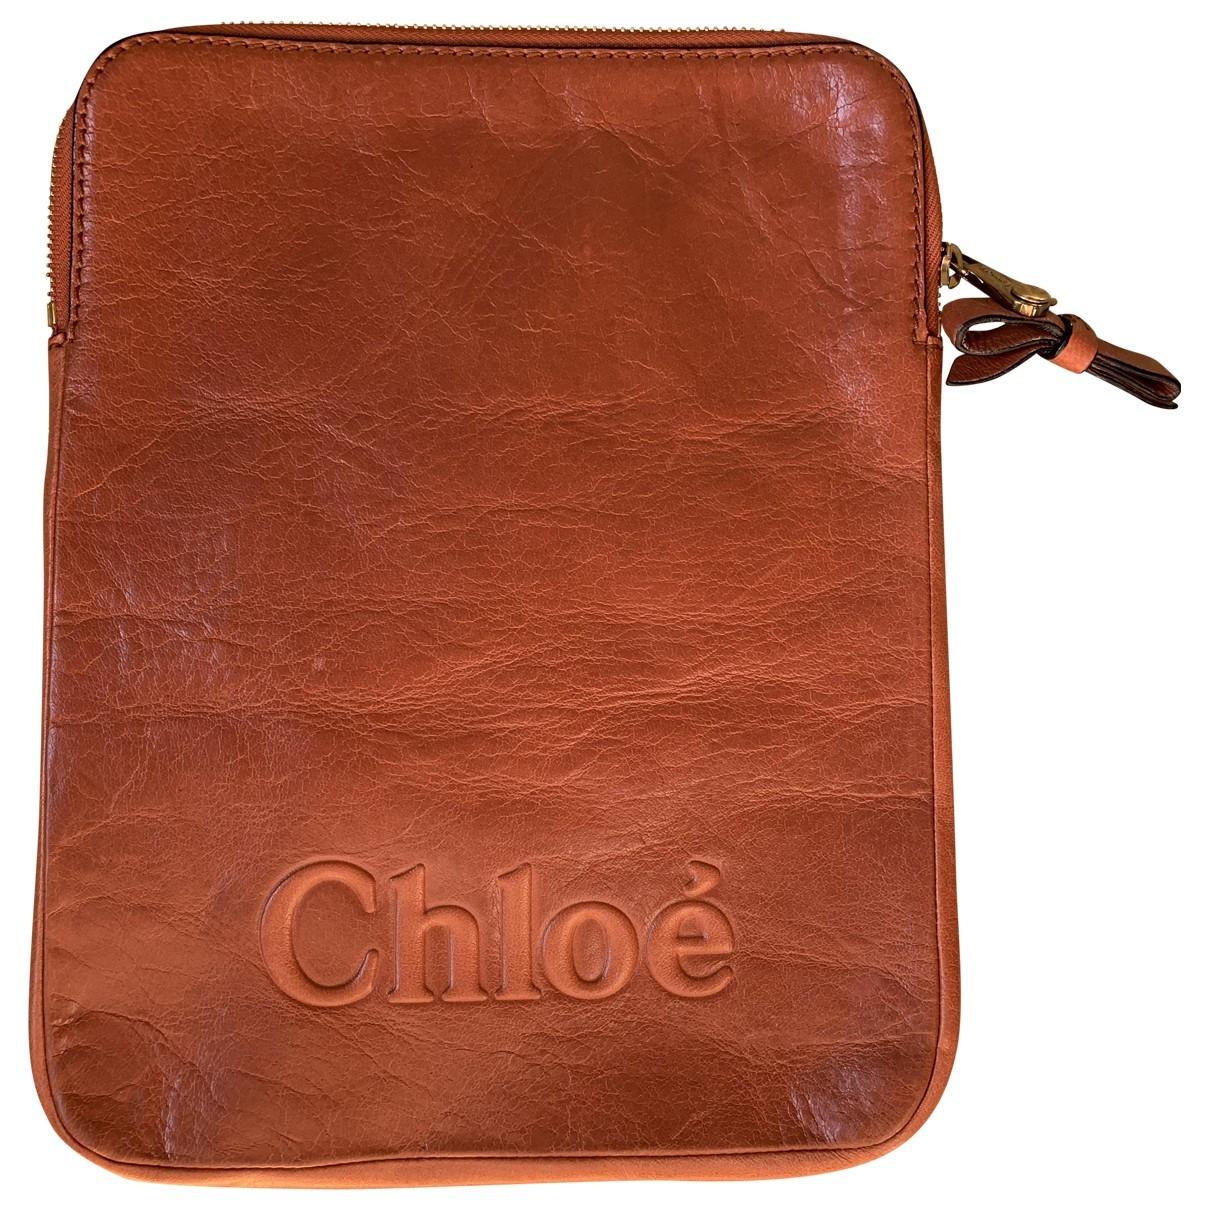 Chloe - Accessoires   pour lifestyle en cuir - rose